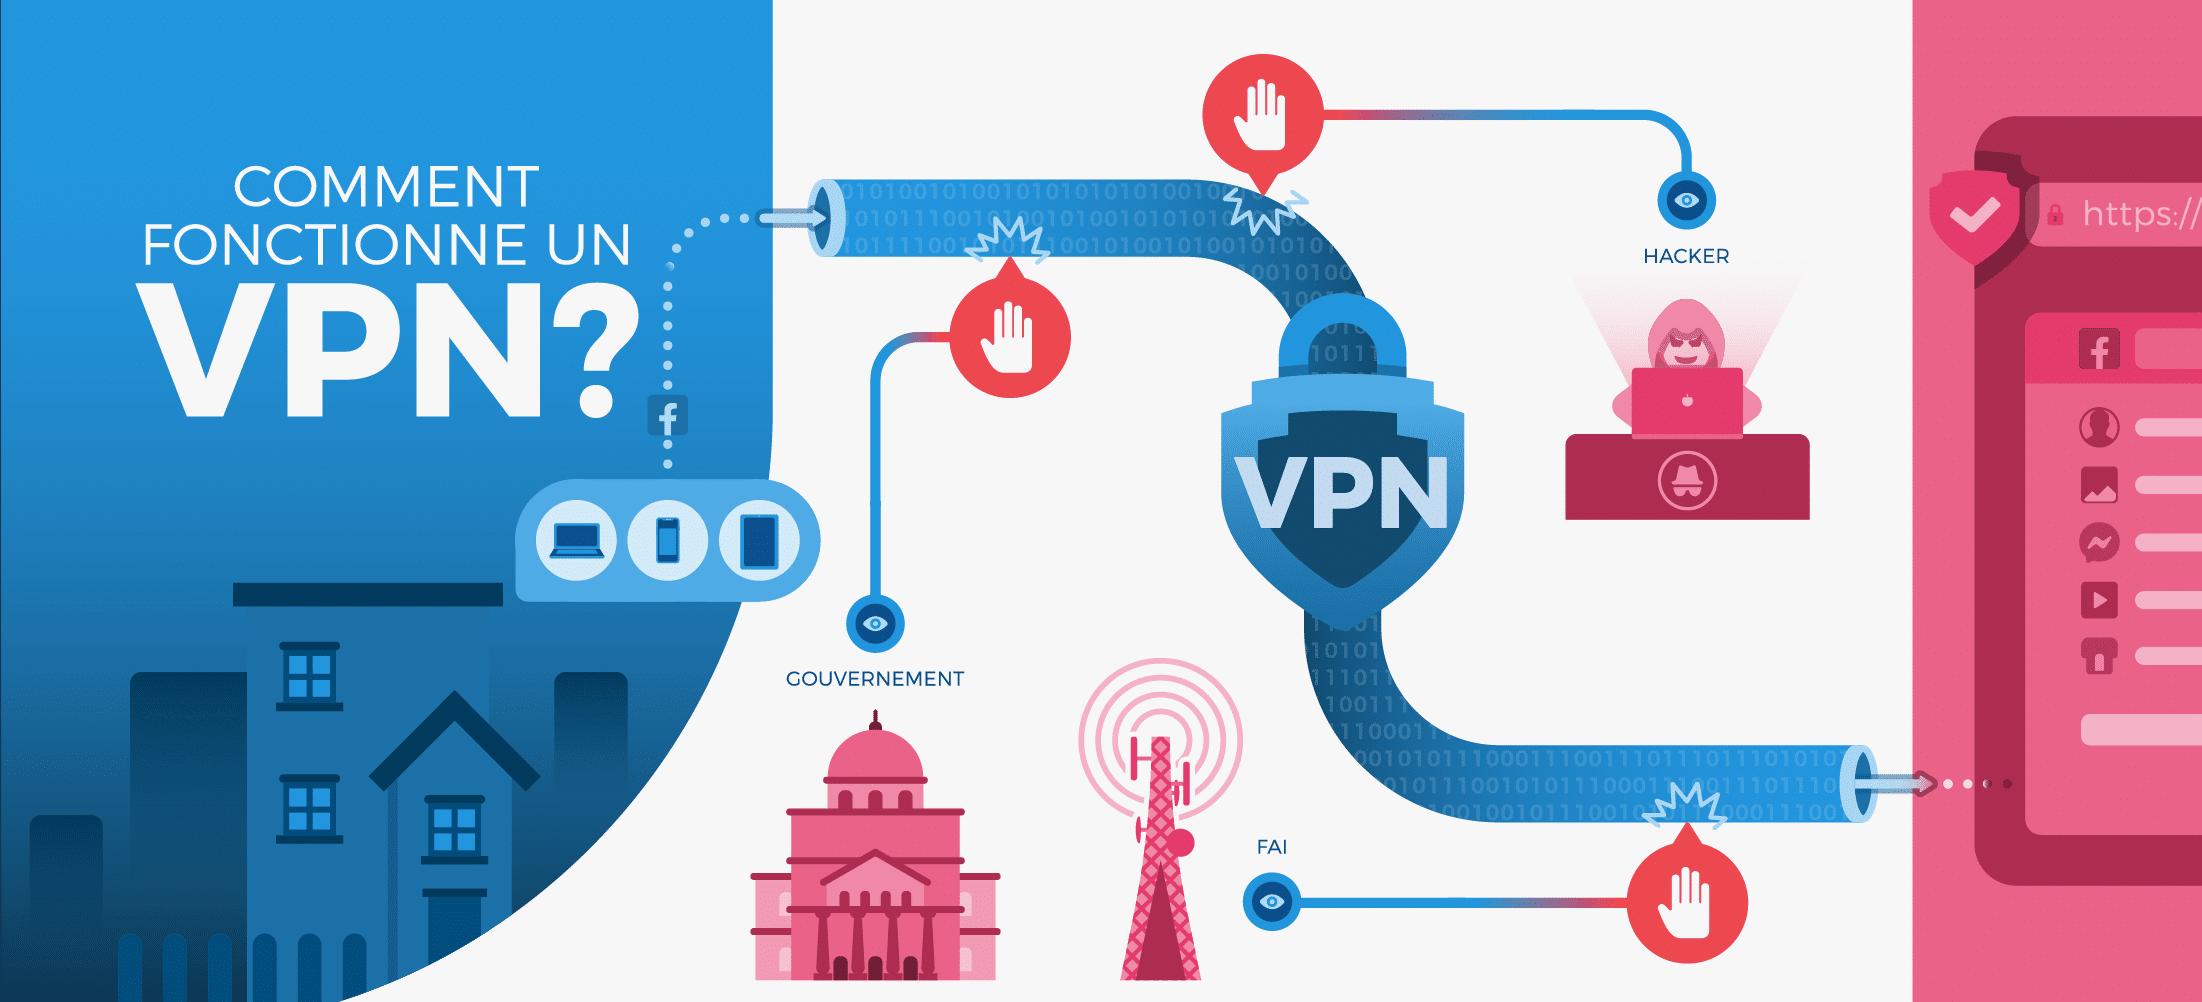 Comment utiliser un VPN ? Explications et Fonctionnement.